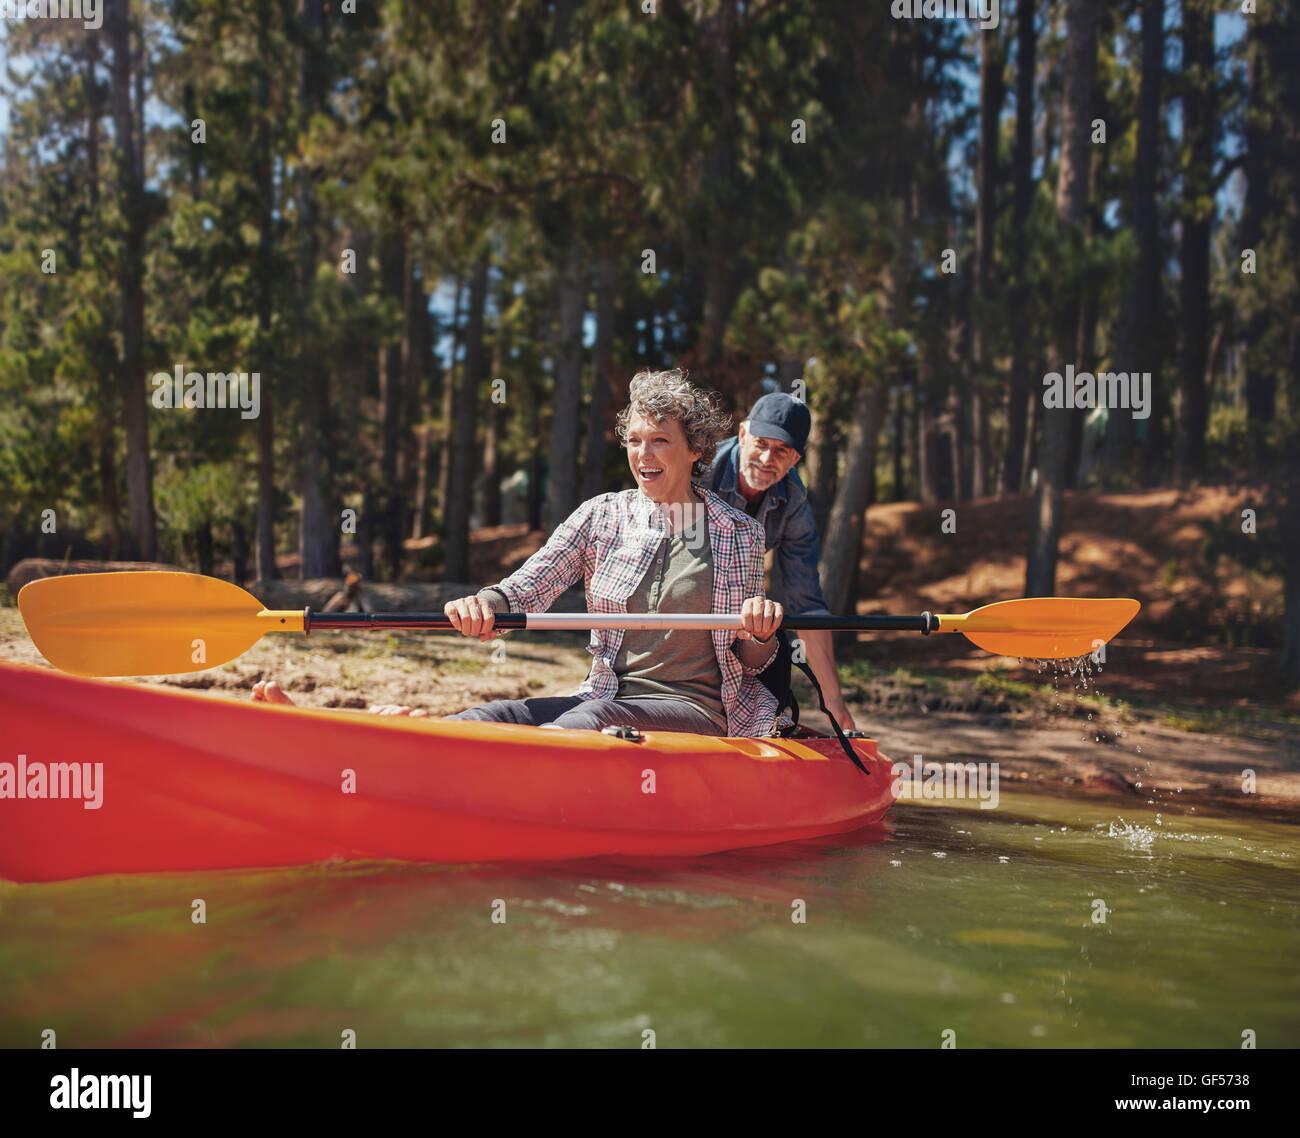 Ritratto di felice coppia matura divertirsi sul lago. Donna canoa kayak con uomo spingendo da dietro su un giorno Immagini Stock